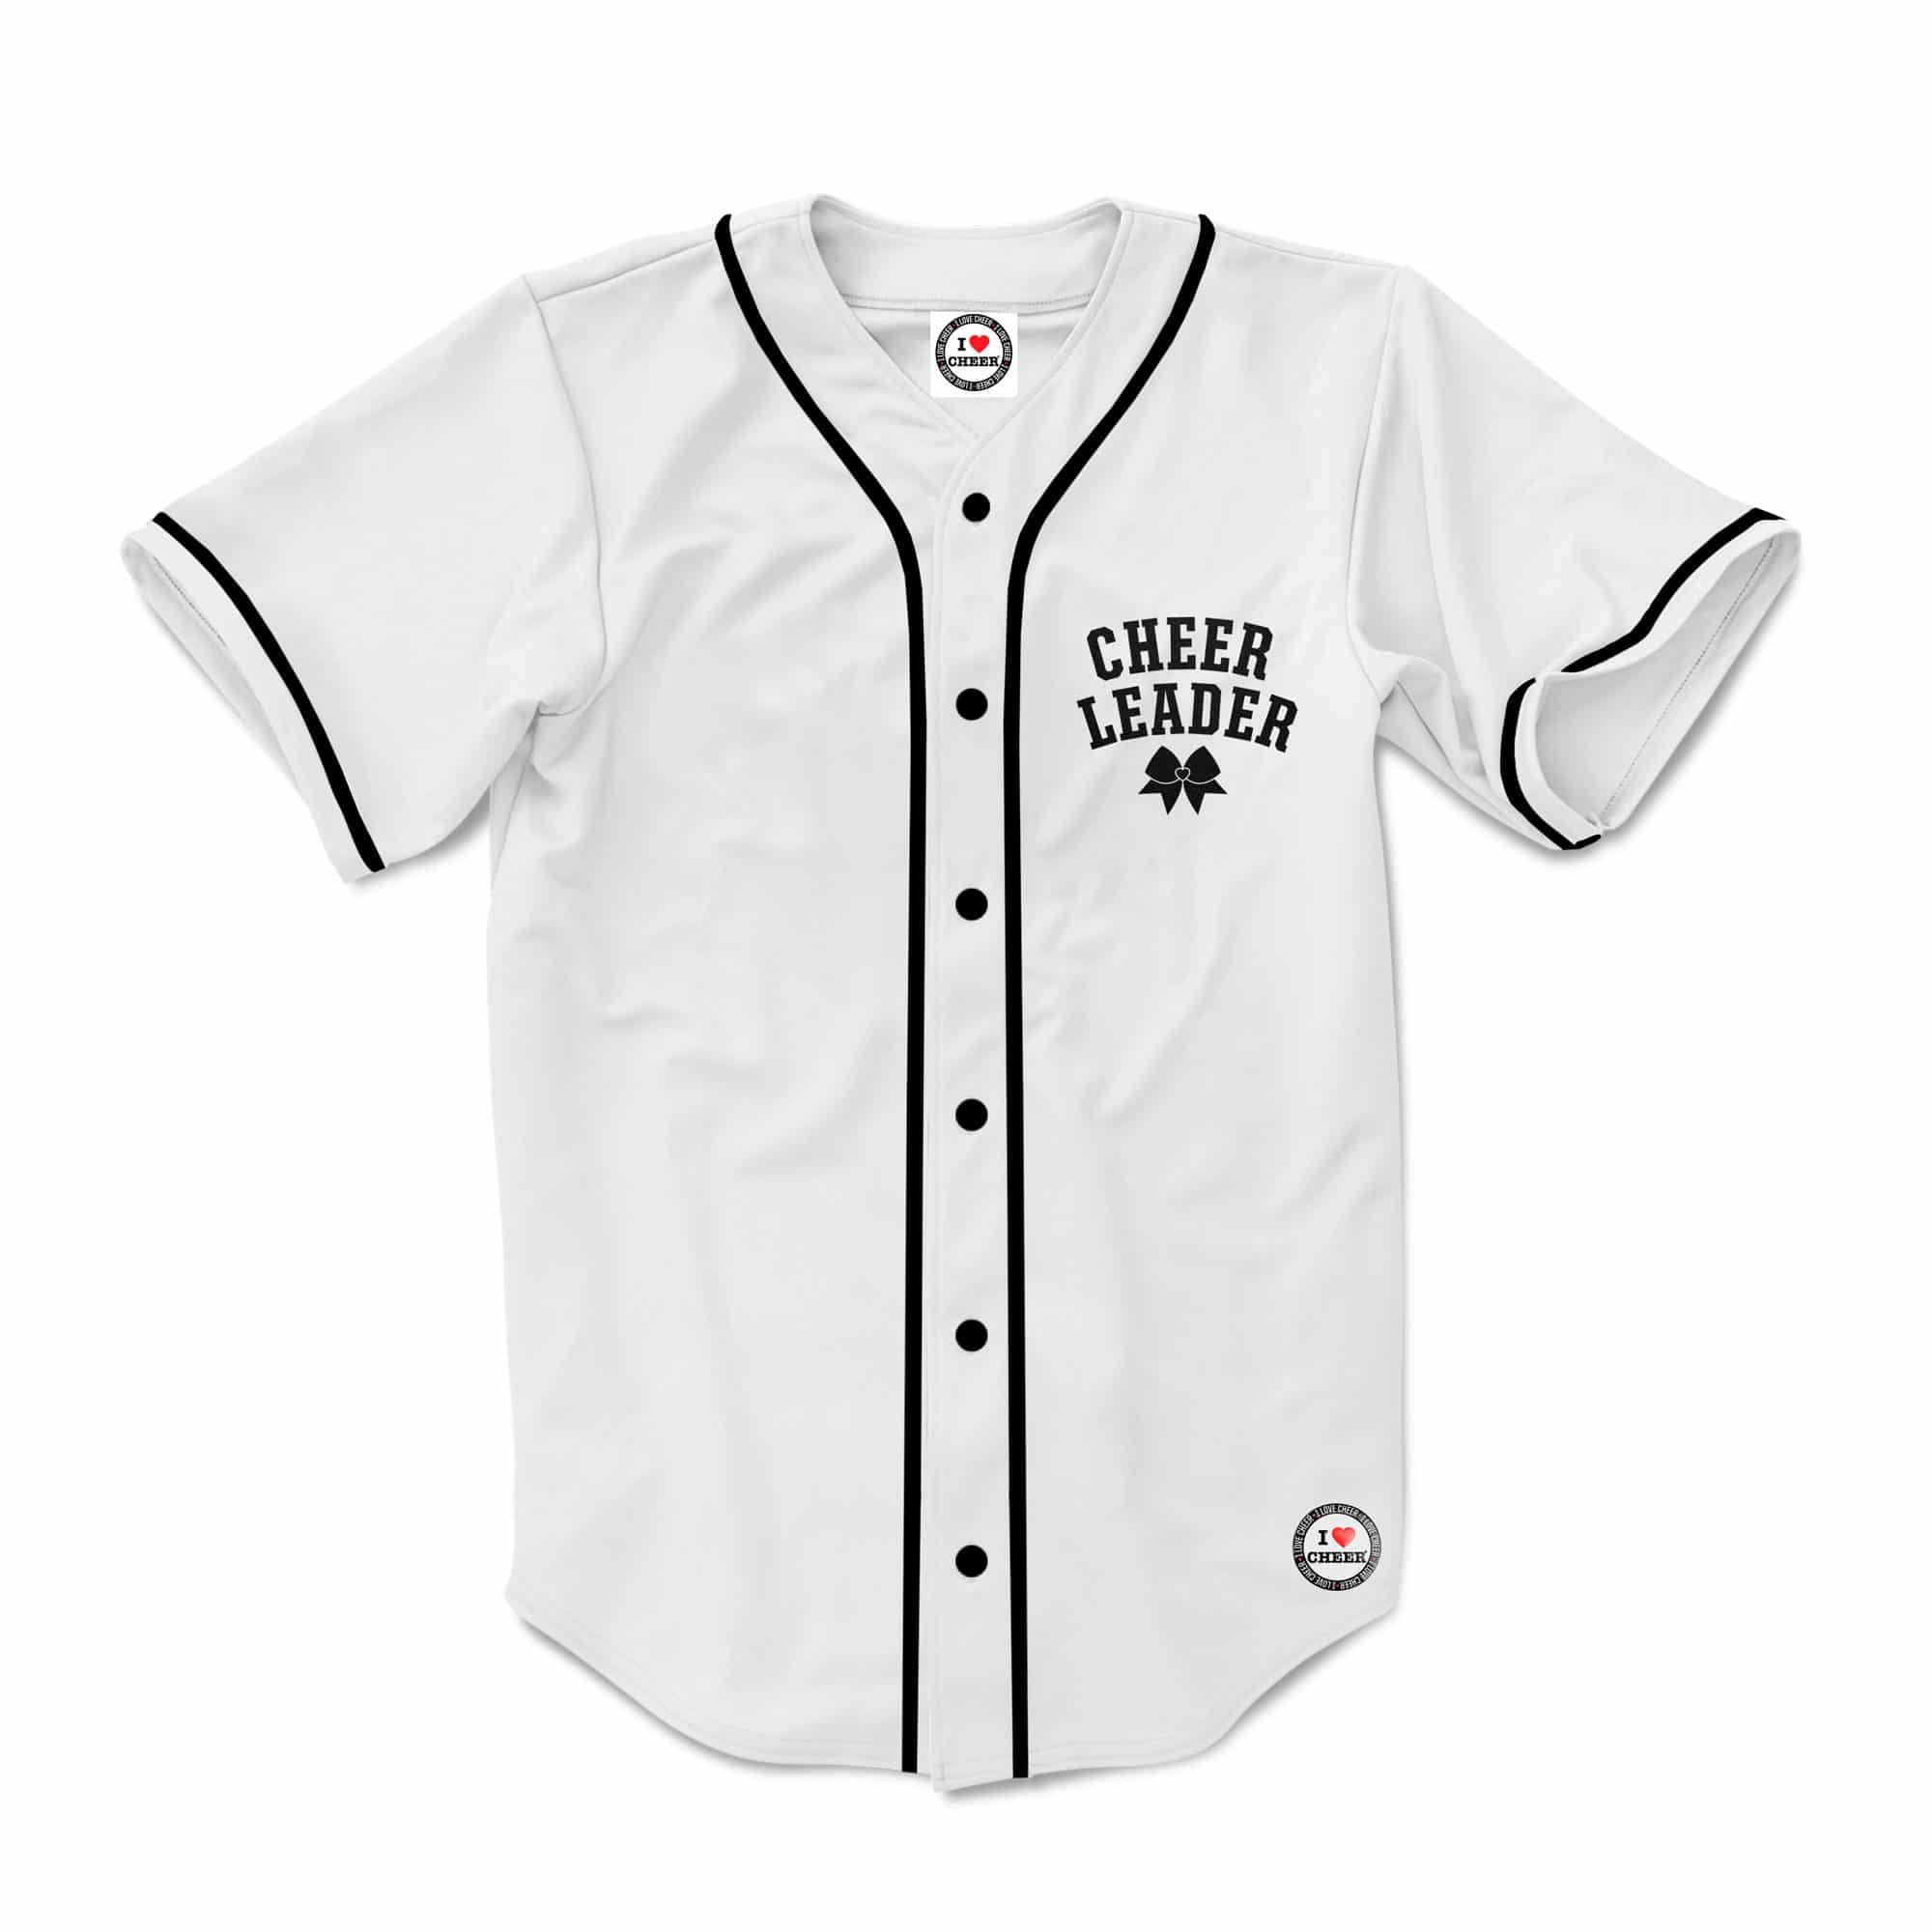 official photos 47a25 1e6a3 white baseball jersey